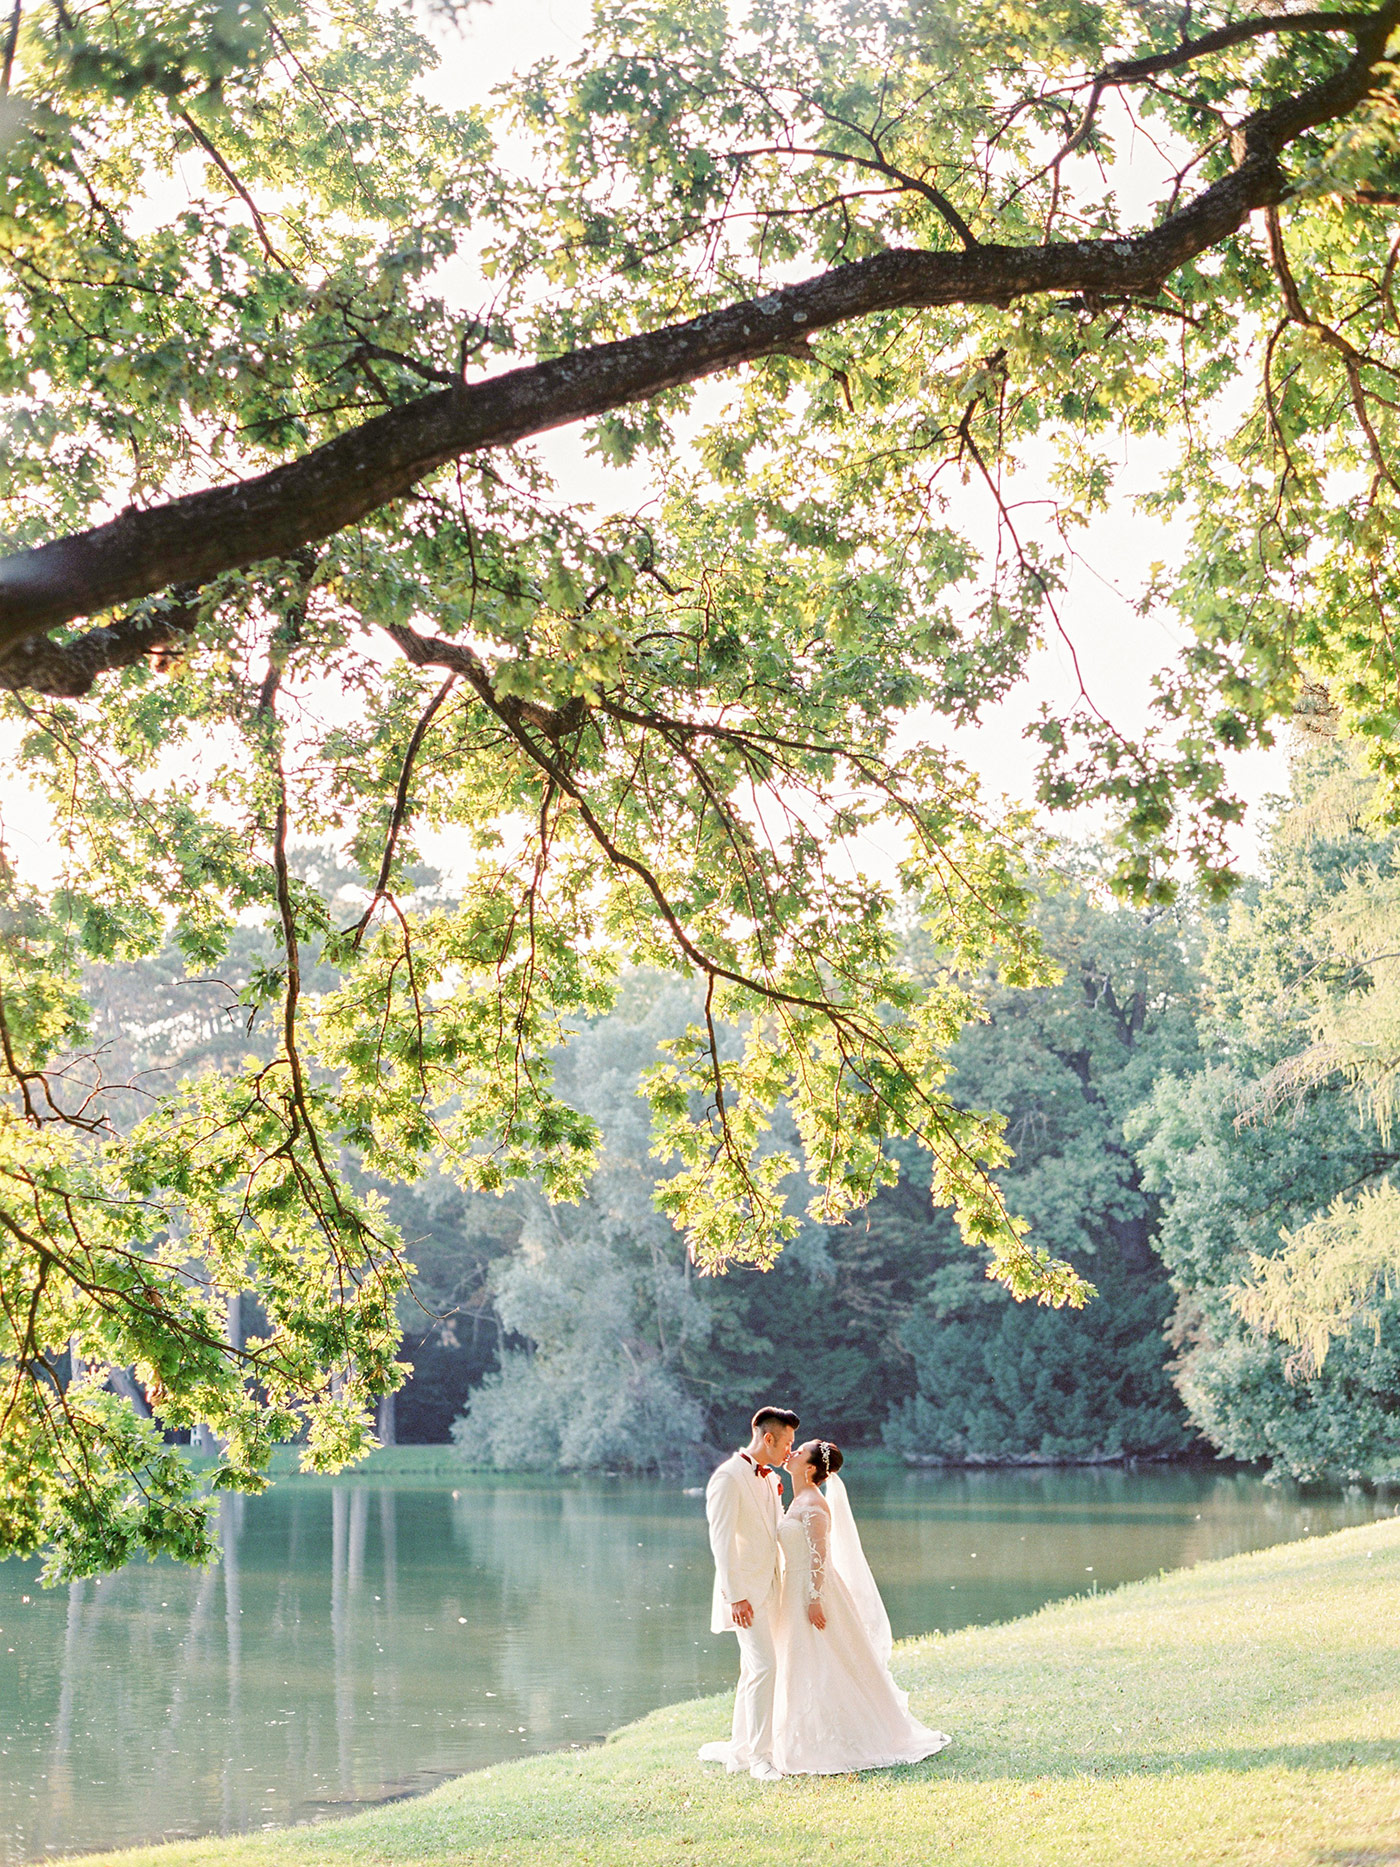 Conference Center Schlosspark Laxenburg Vienna Austria Wedding Photographer